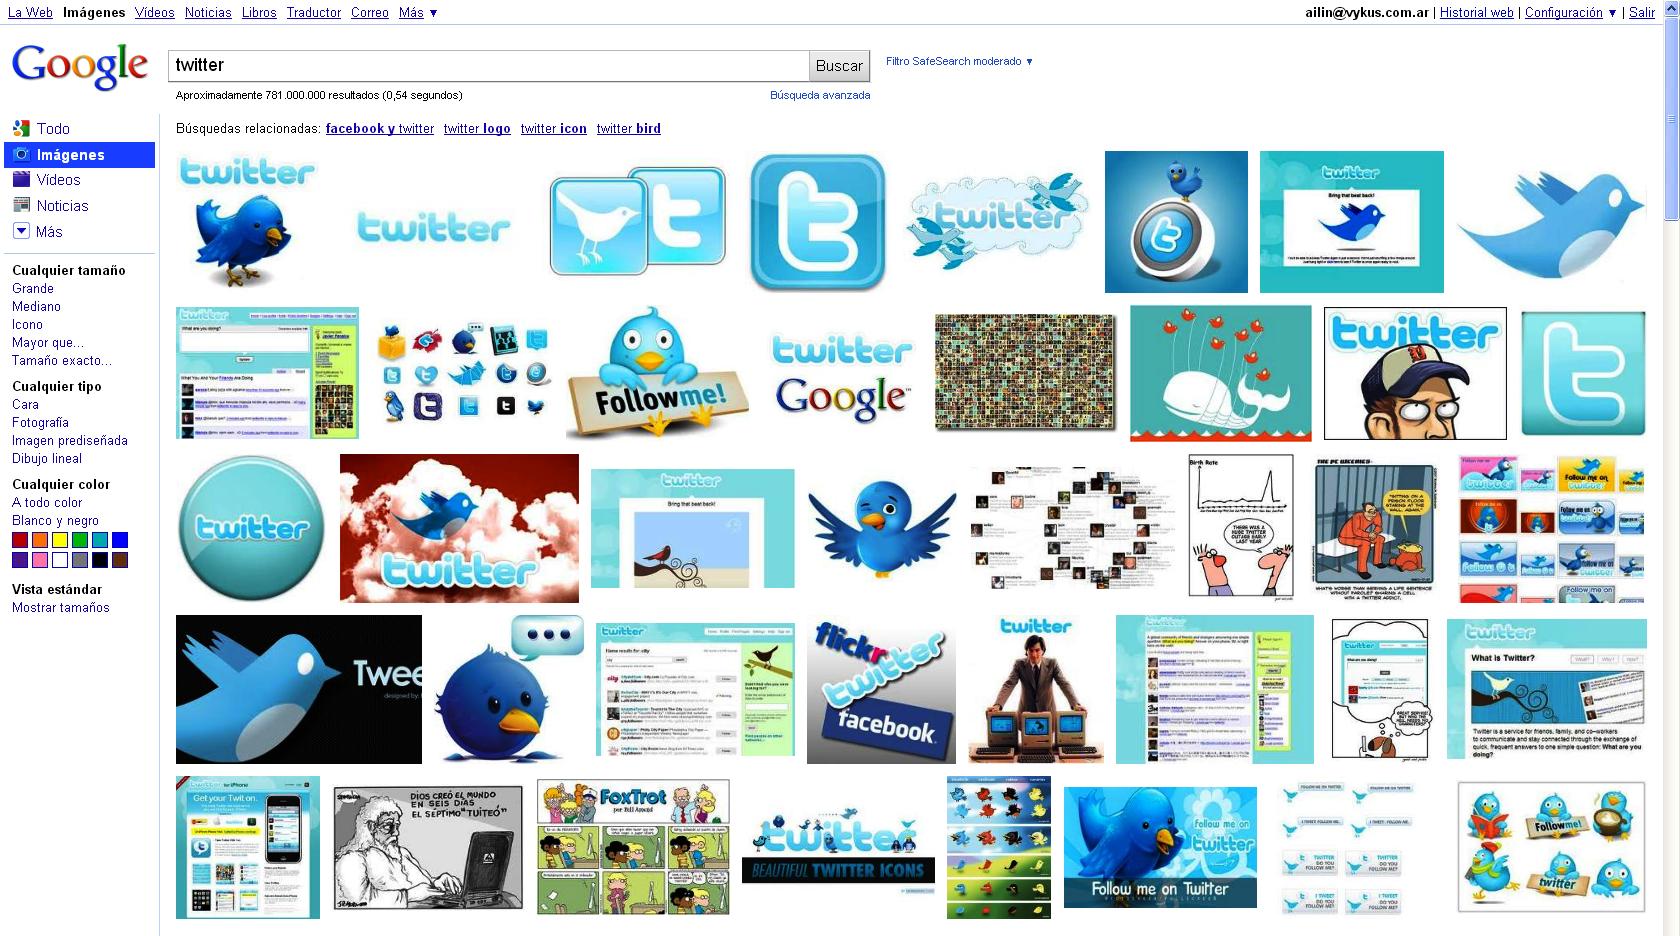 Captura de pantalla de Google Imágenes